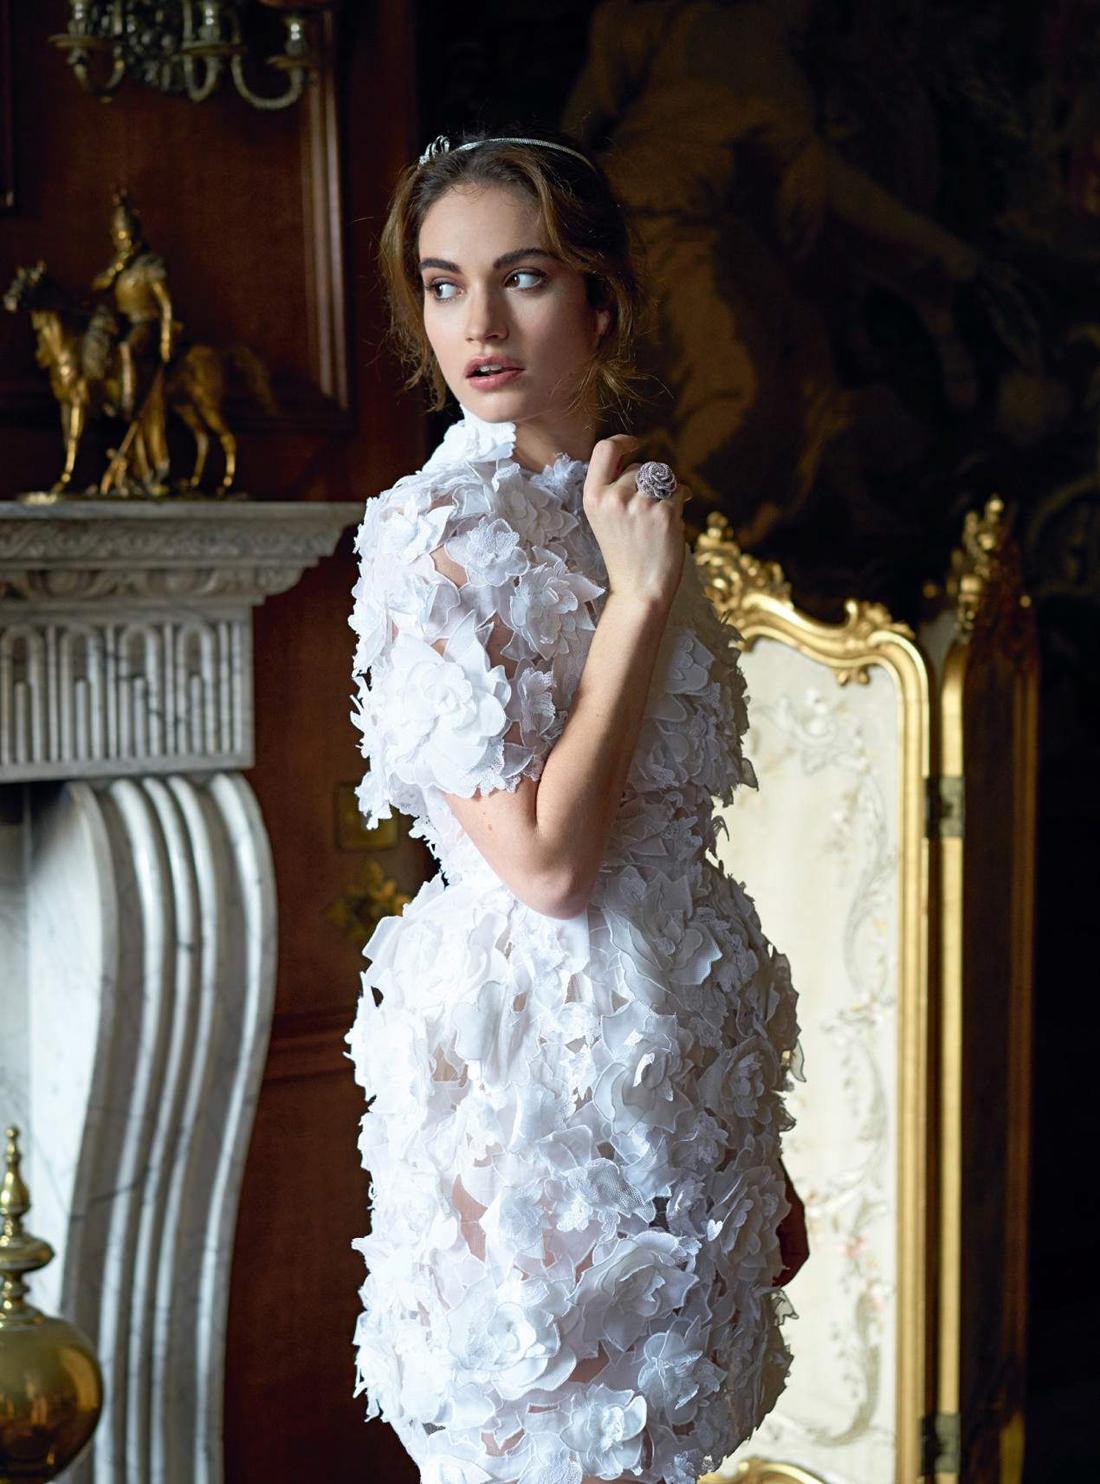 платье из шелкового оганди, кружева и органзы, Ralph & Russo; украшение для волос из белого золота и бриллиантов, кольцо из белого золота и бриллиантов, Chanel Fine Jewellery